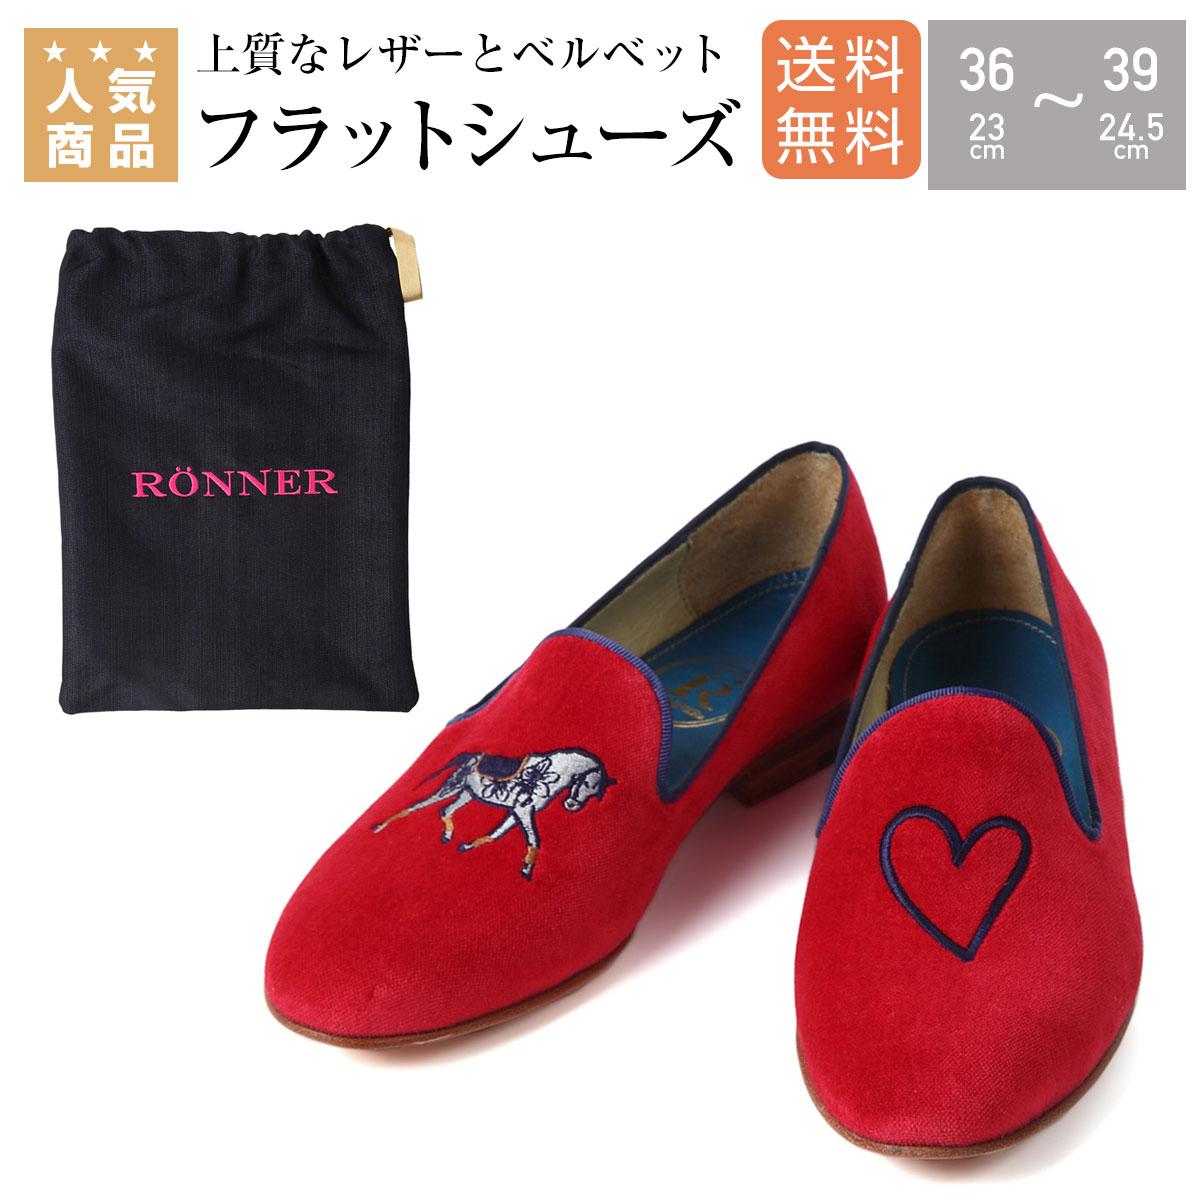 【月間優良ショップ】乗馬 ブーツ ショートブーツ 送料無料 RONNER ミモザ フラット シューズ 乗馬用品 馬具